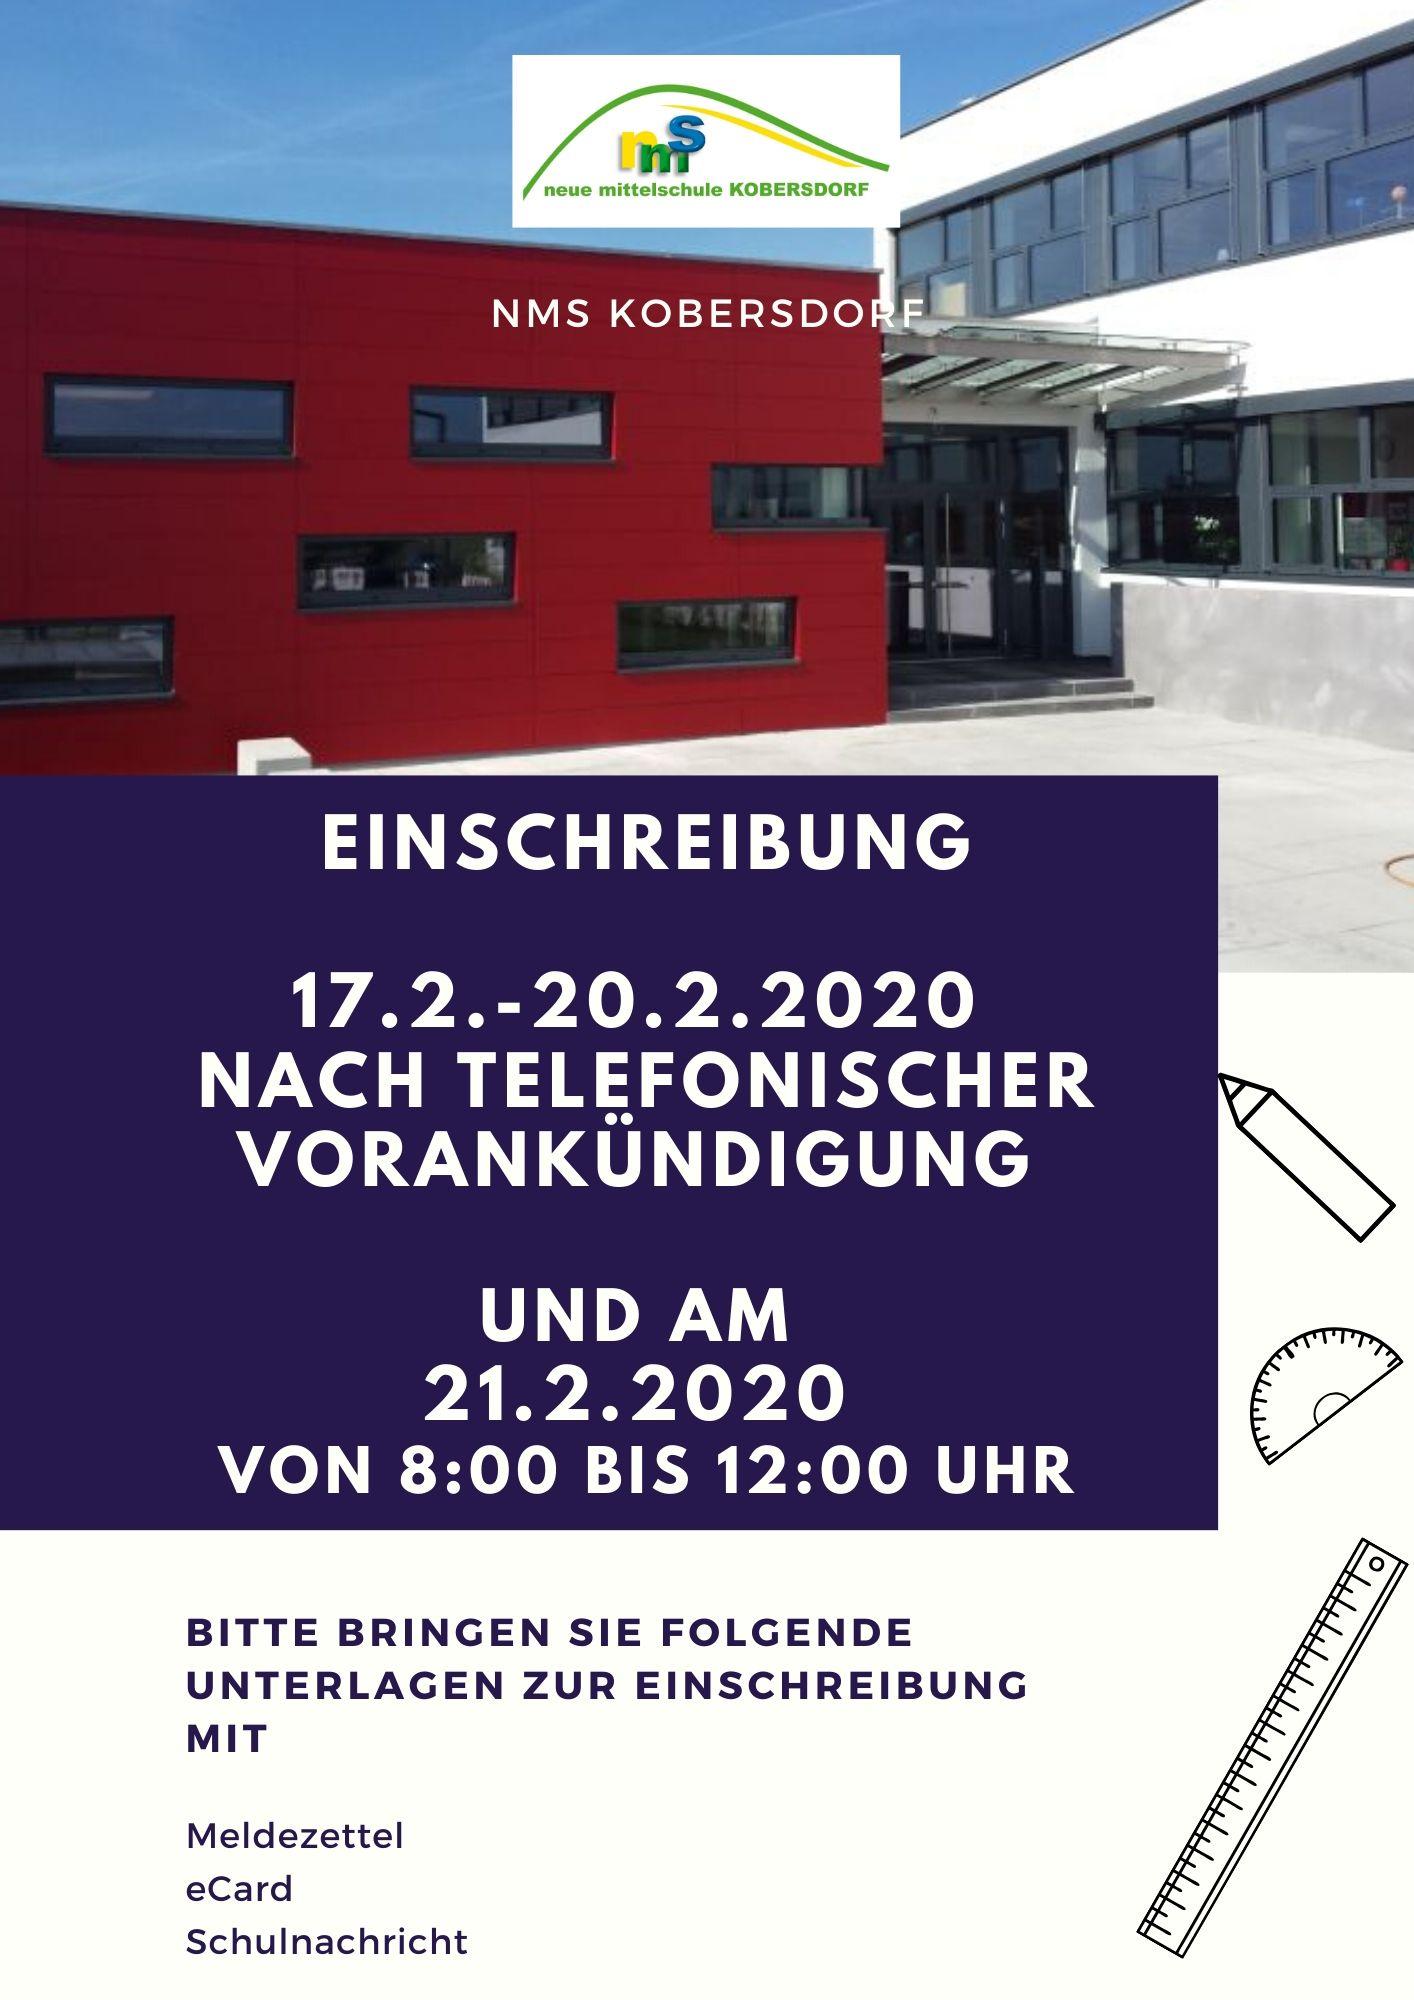 Informationen zur Einschreibung in die NMS Kobersdorf